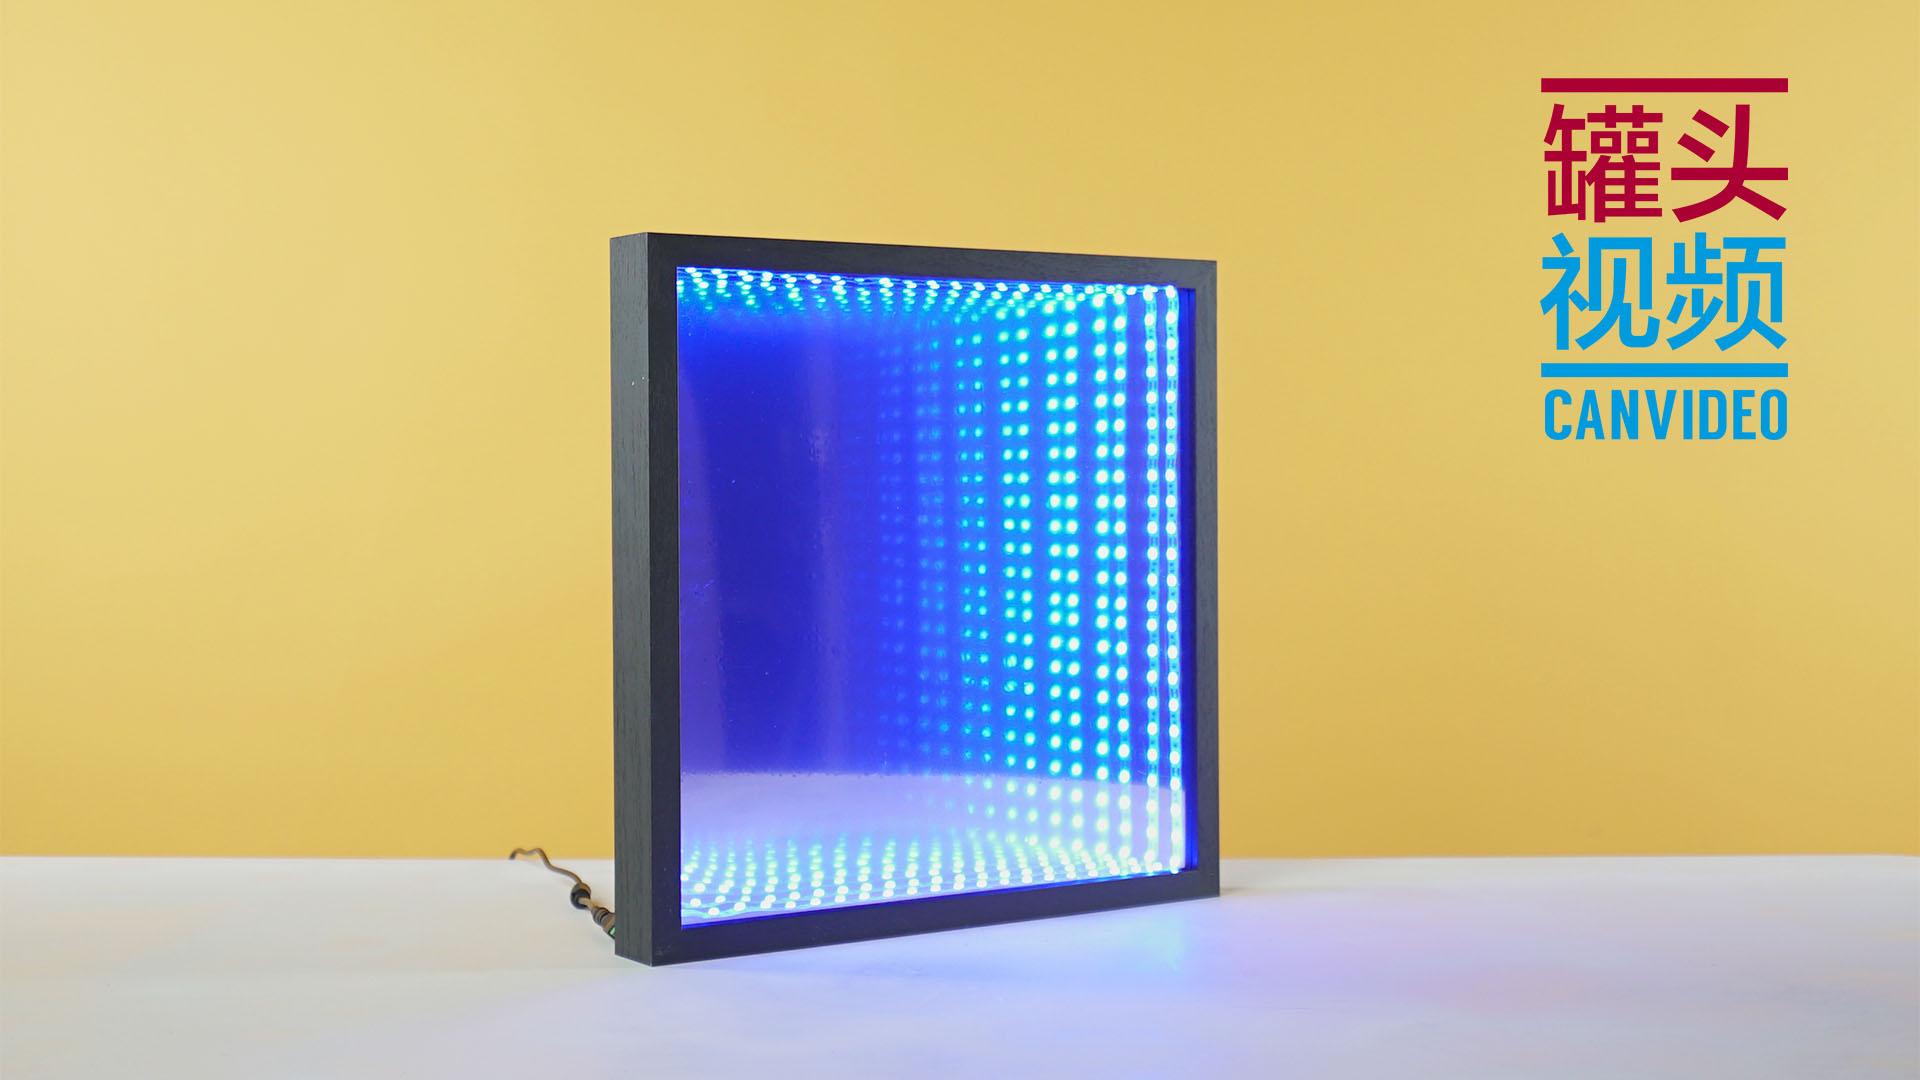 自制LED时光隧道镜!黑科技让你瞬间打破次元壁